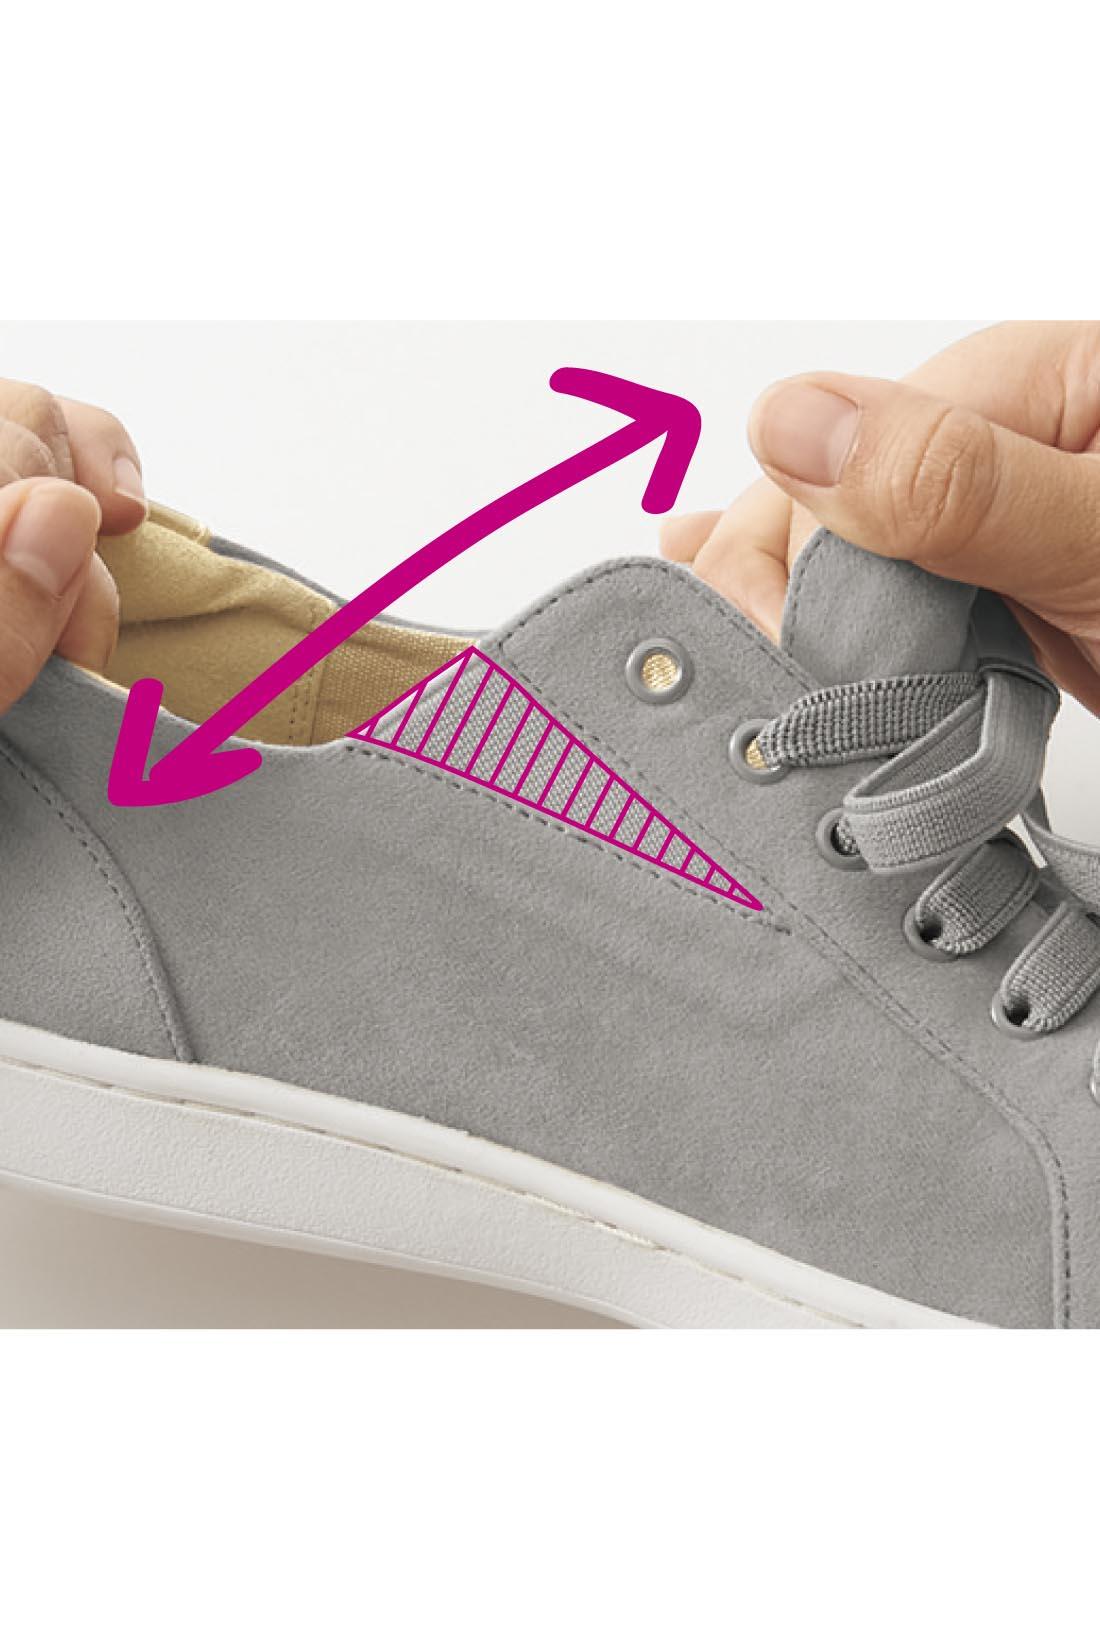 ゴムの靴ひもとサイドゴムのダブルゴム仕様で感動の履きやすさを実現。パッと履けて忙しい朝もストレスフリー!※お届けするカラーとは異なります。